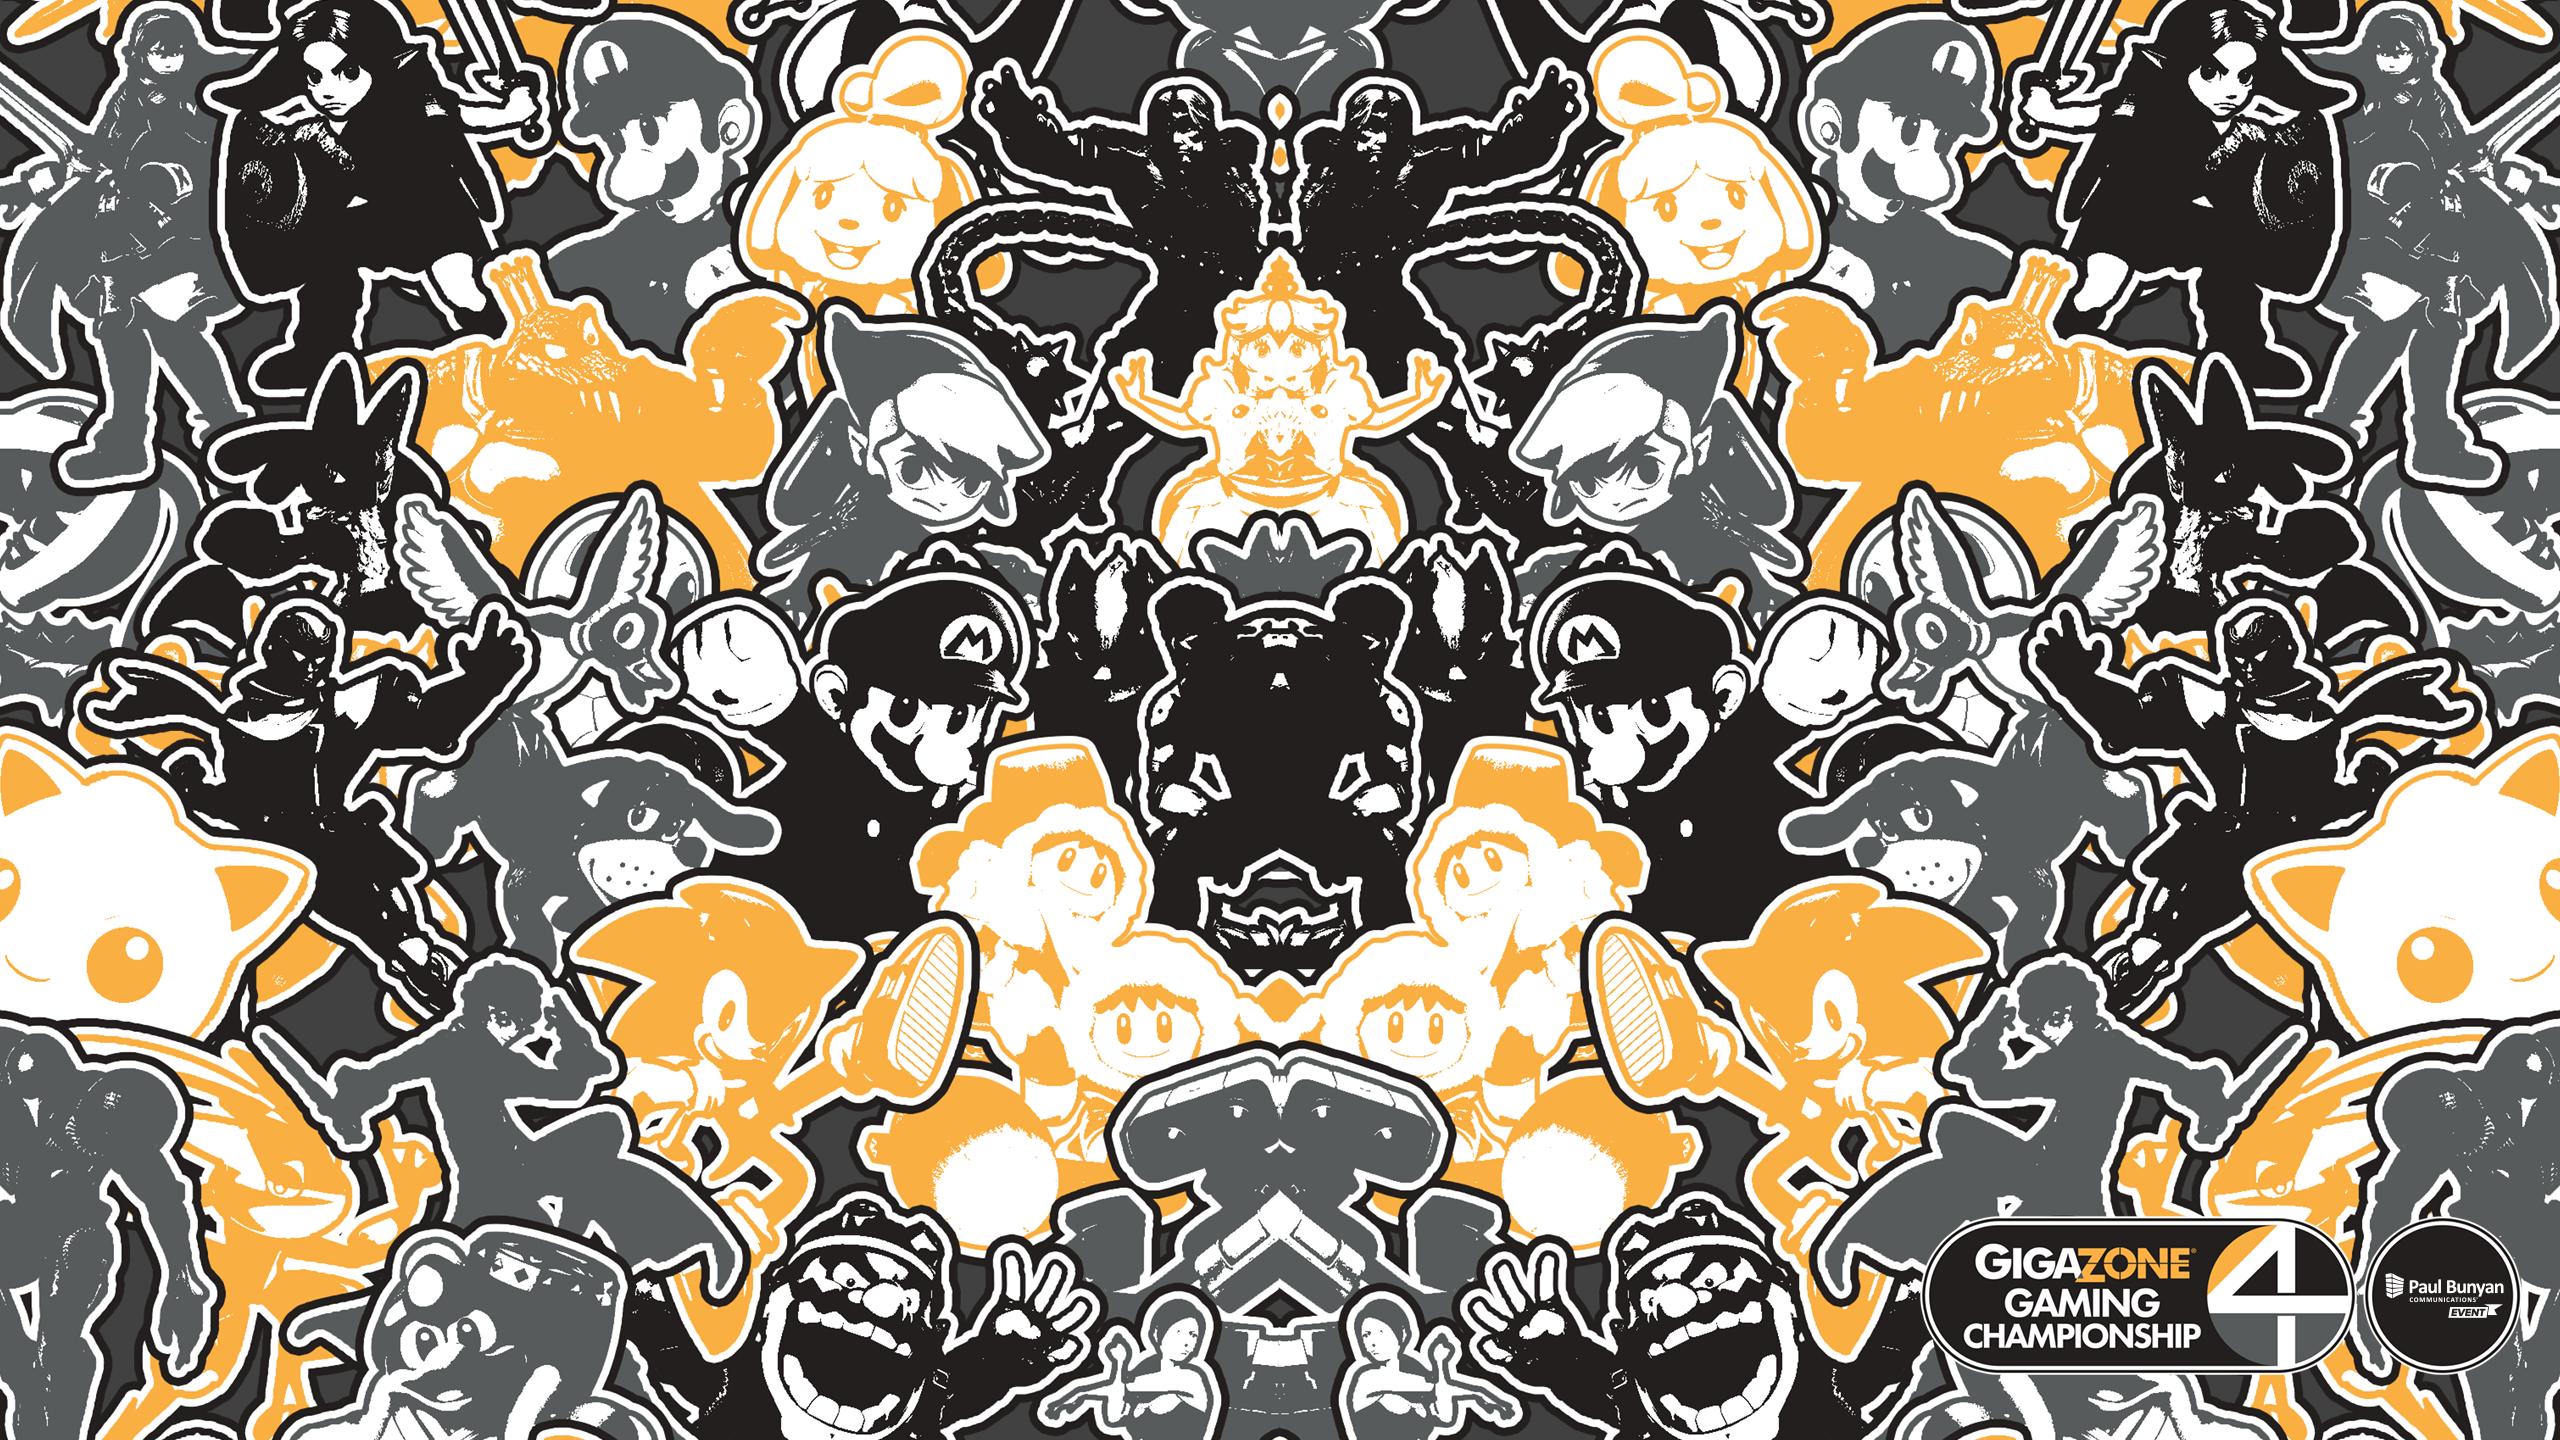 GZGC19 Background 2560 x 1440